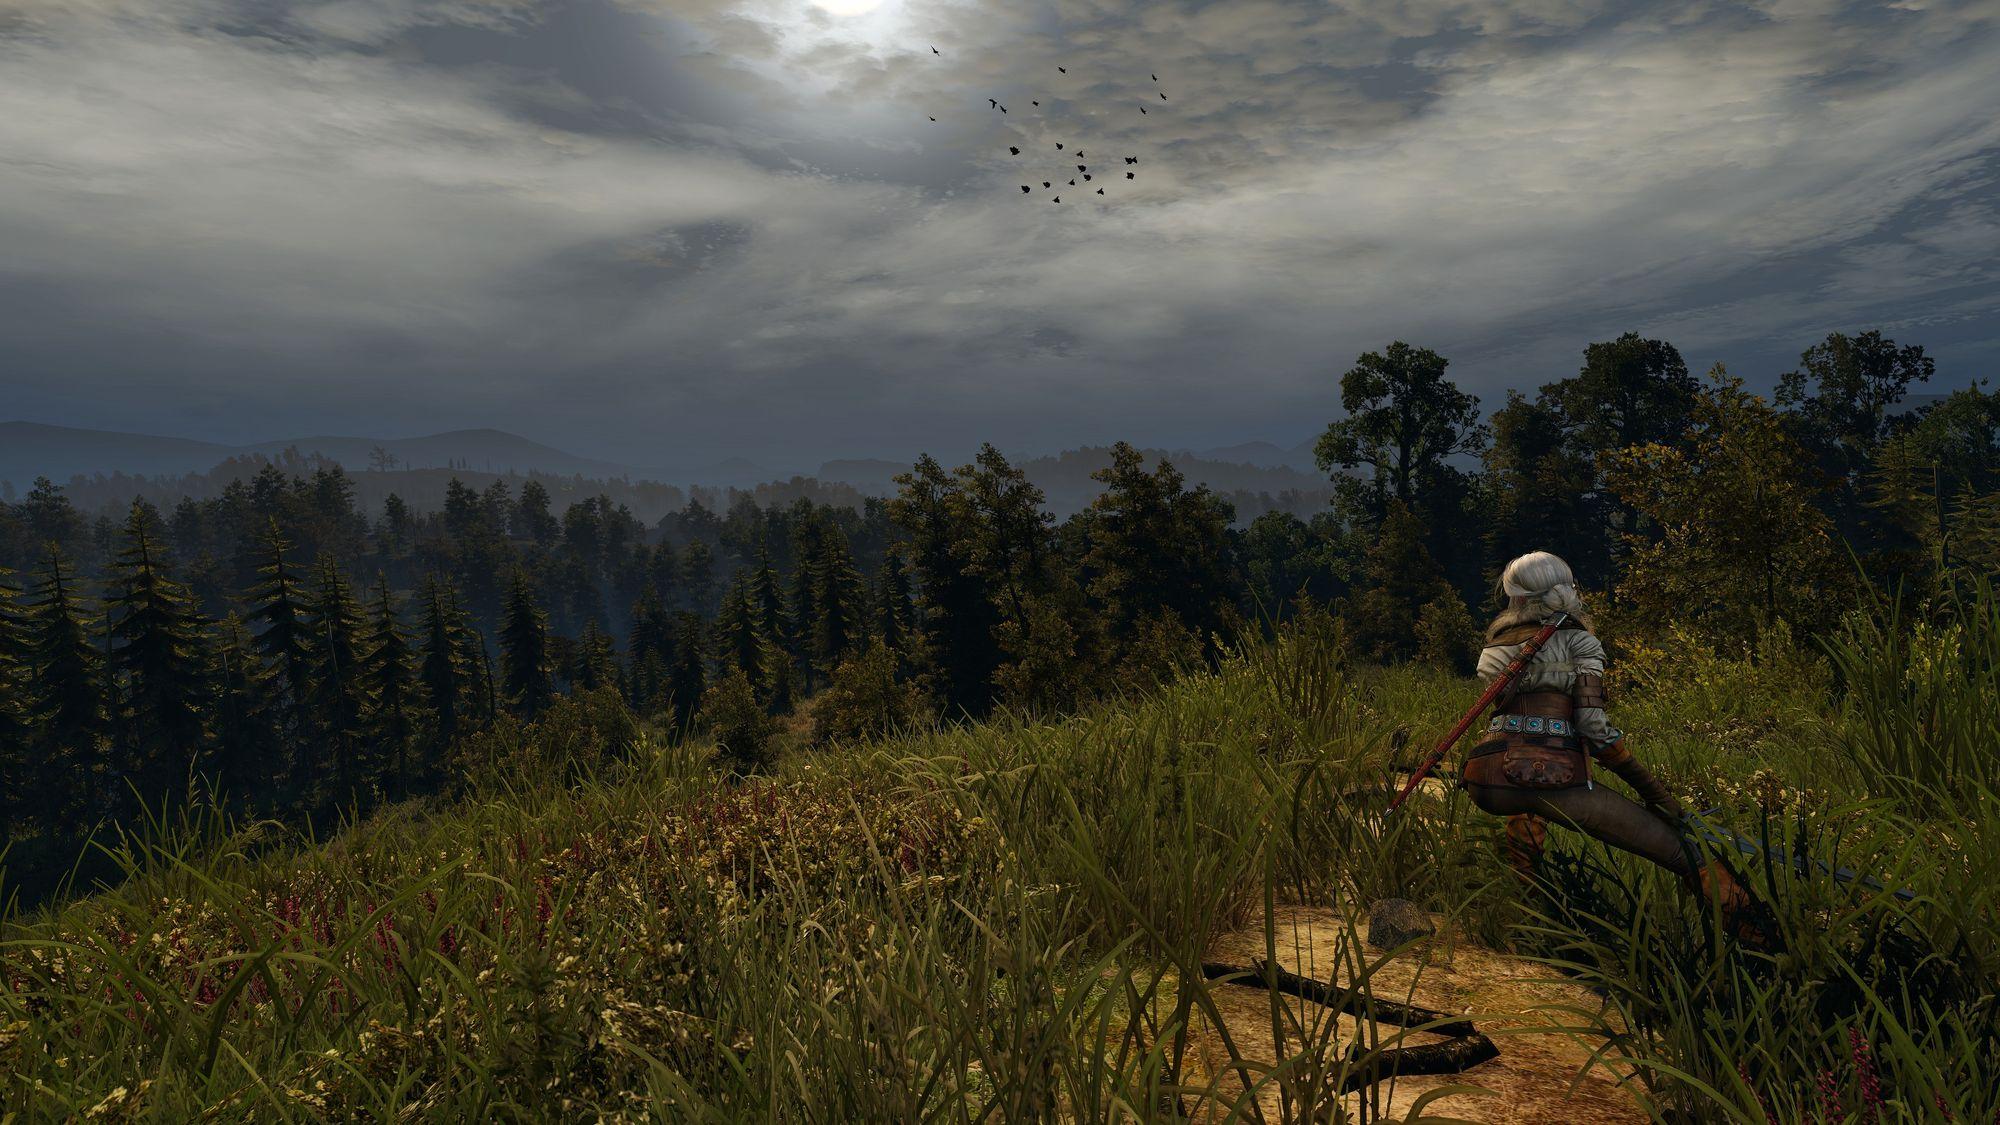 Nokre få modifikasjonar kan drastisk endre utsjånaden til spelet.